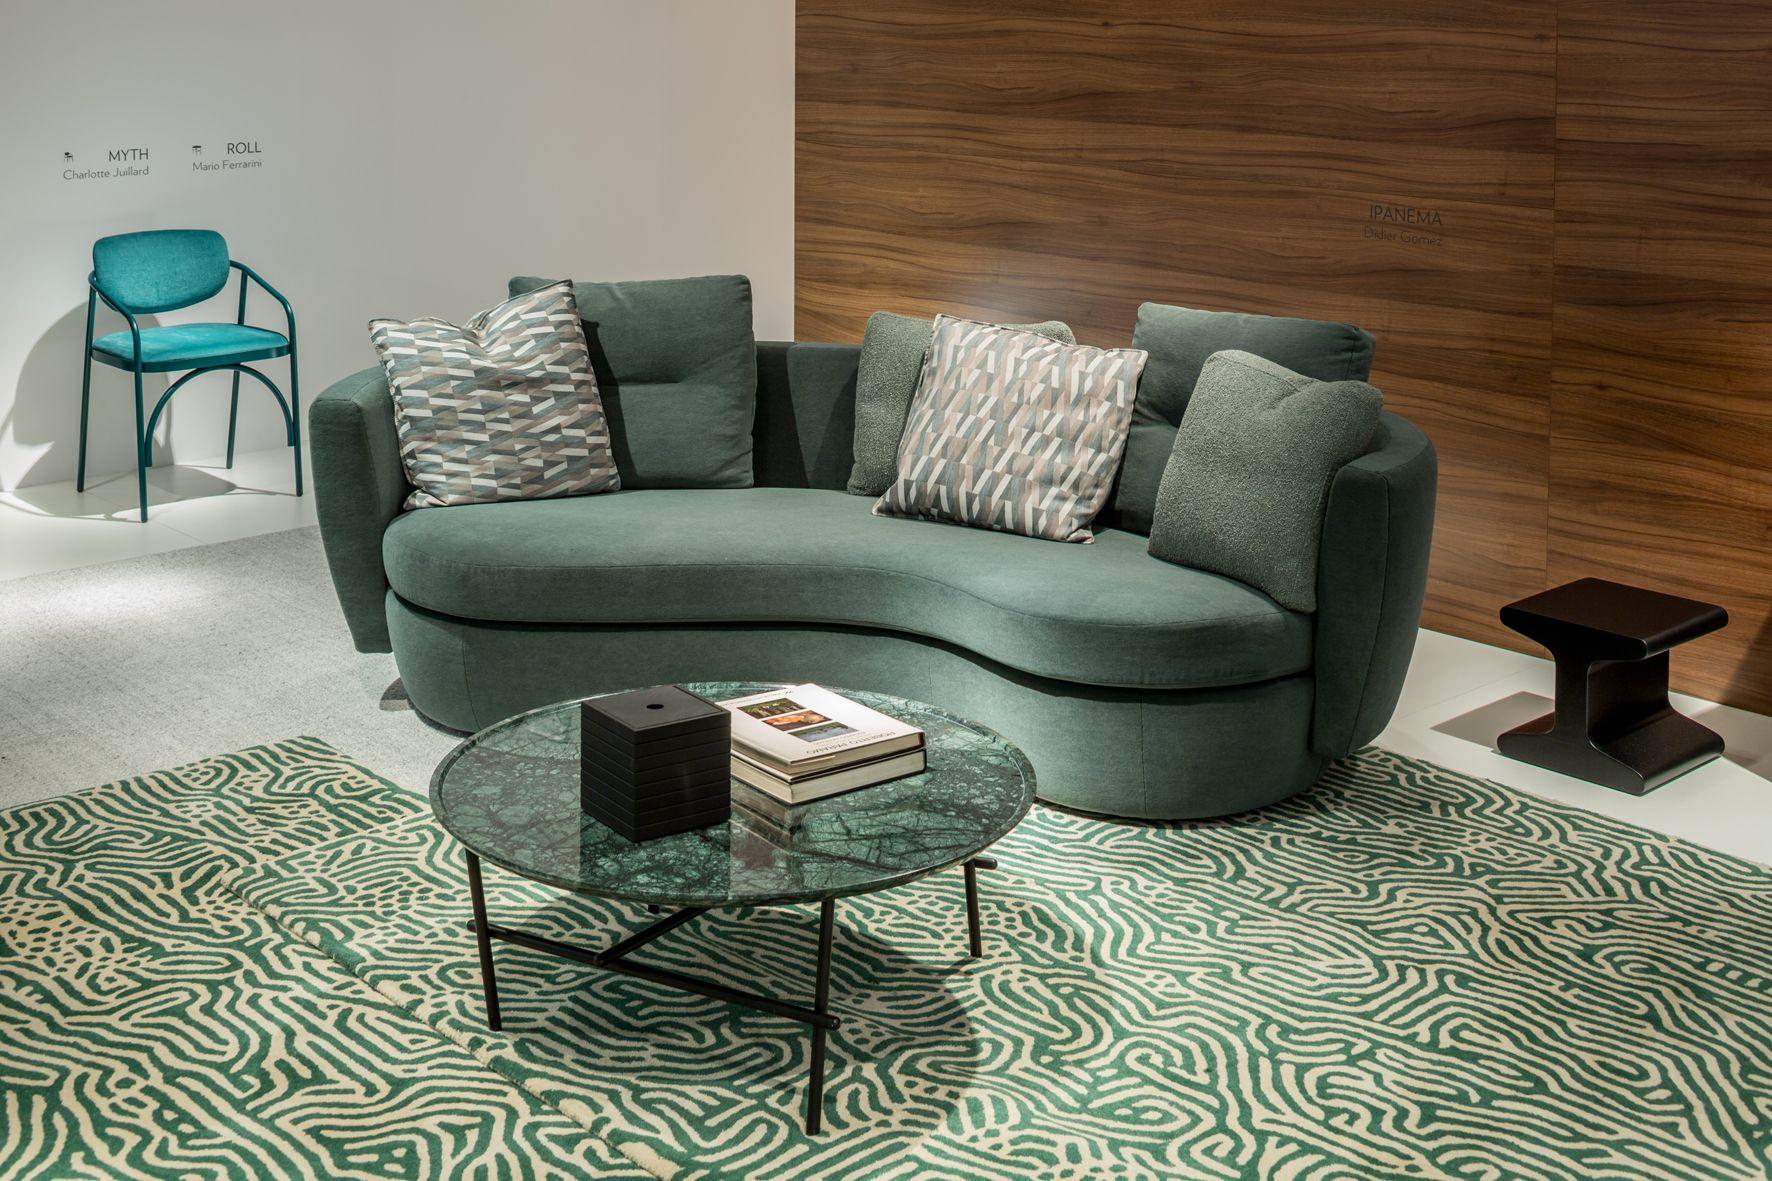 Das Sofa Ipanema Von Didier Gomez Betont Seine Umhullenden Rundungen Und Ist Voller Sanftheit Luxury Furniture Sofa Furniture Luxury Furniture